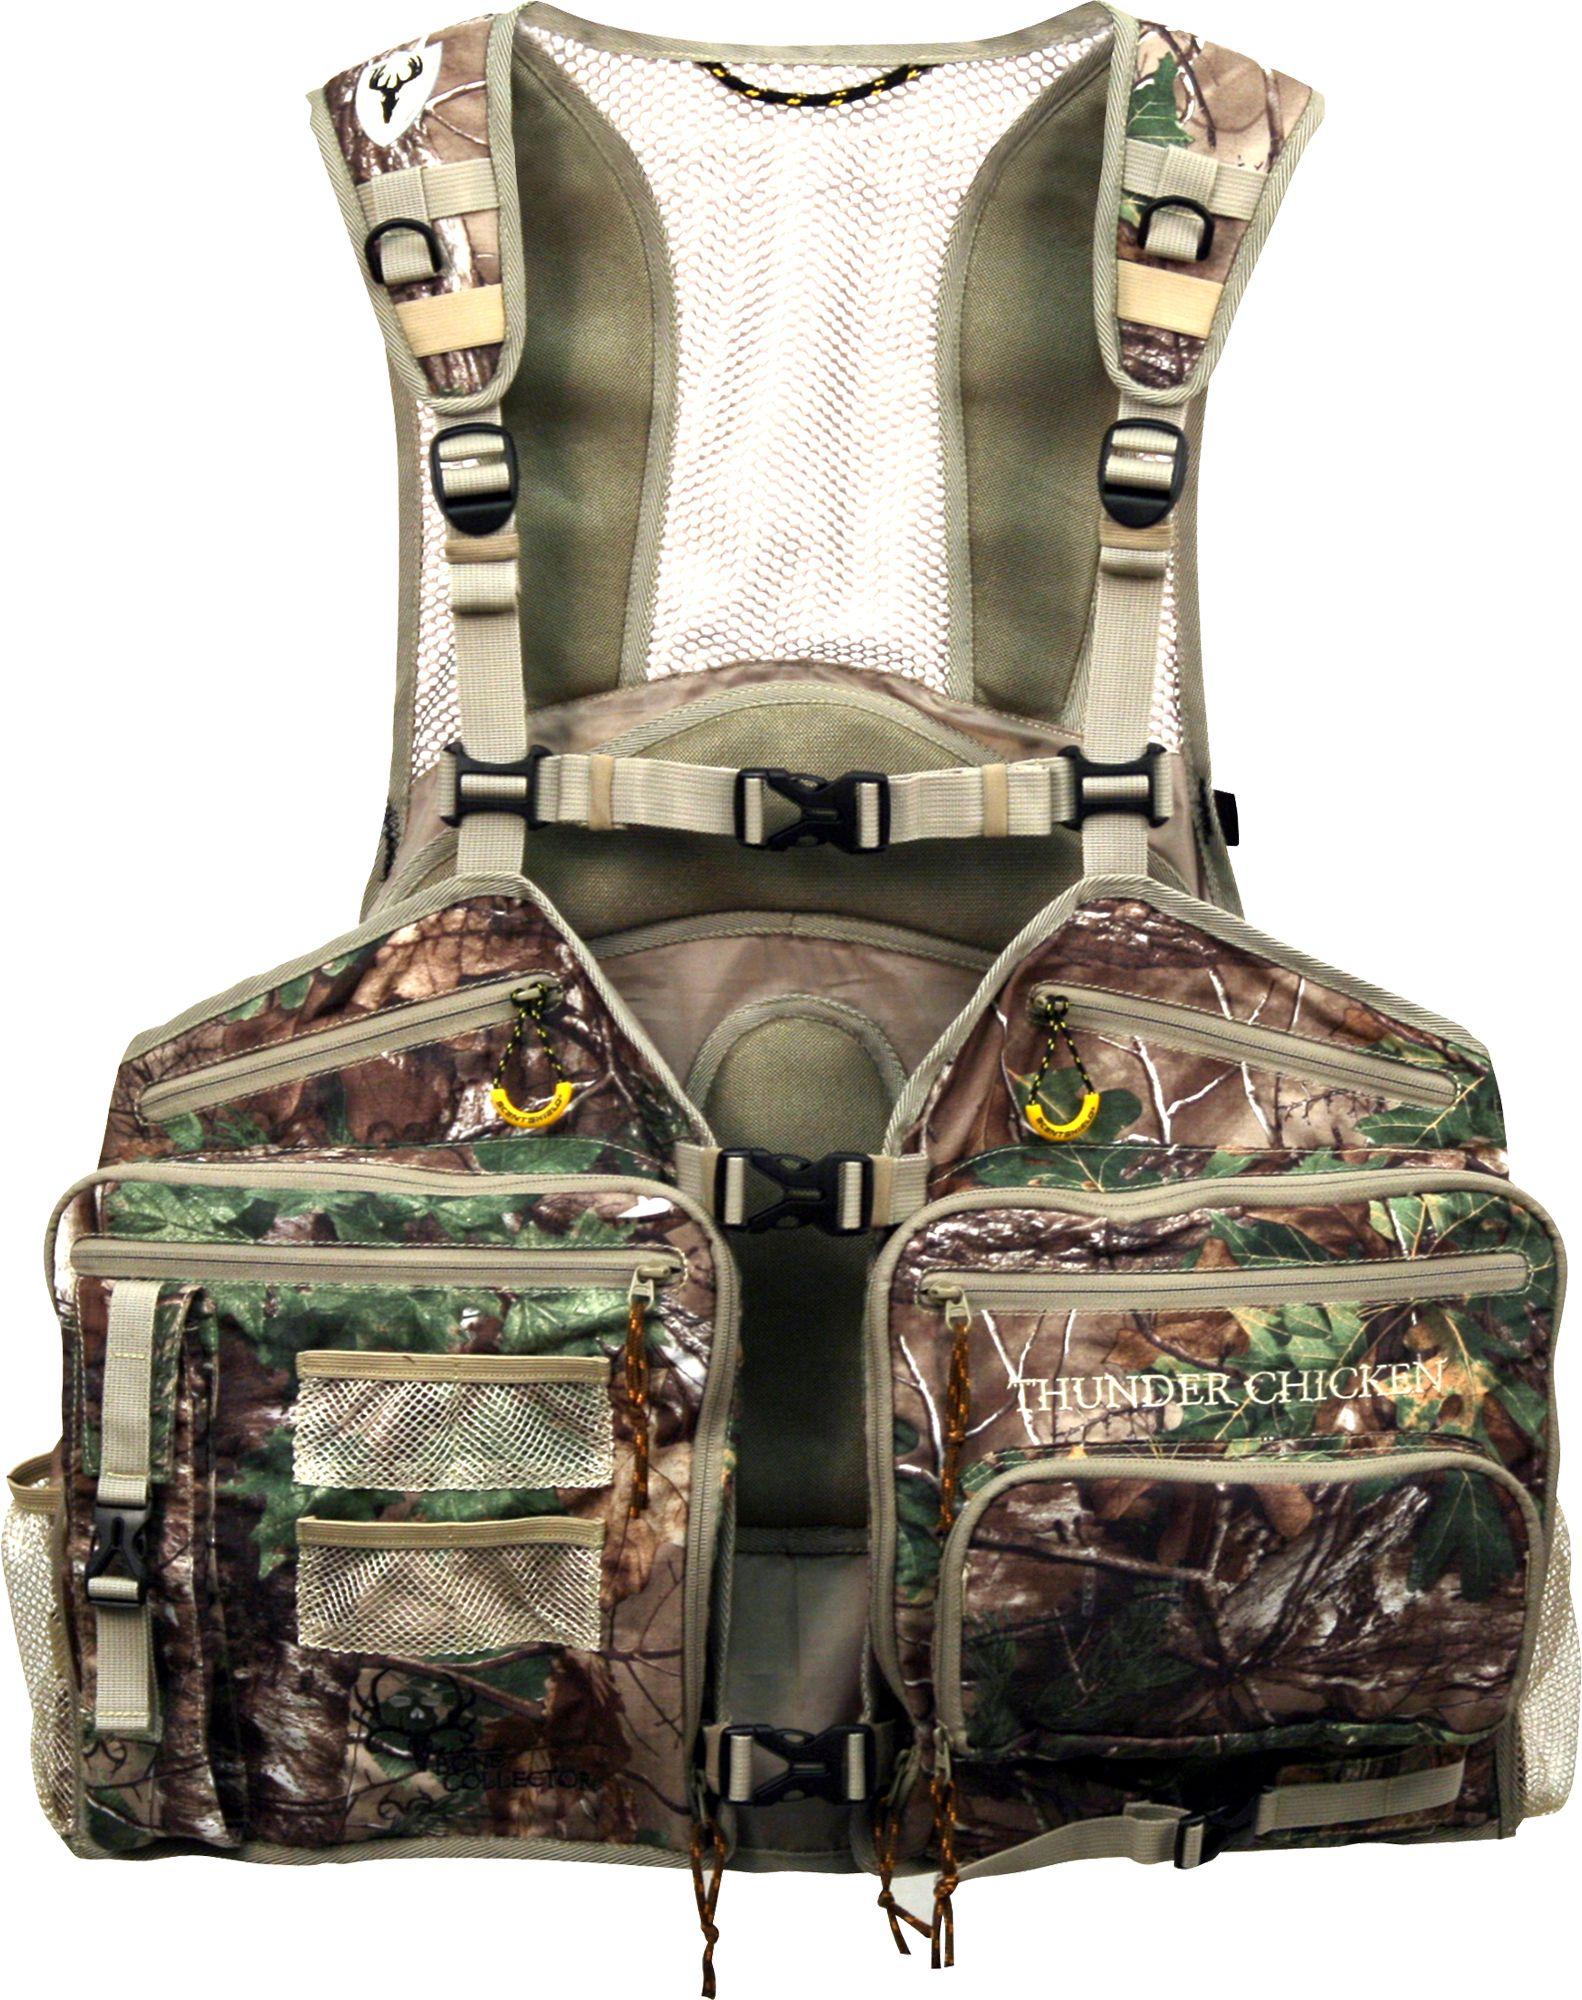 Blocker Outdoors Thunder Chicken Turkey Vest, Men's, Medium/Large, Green thumbnail